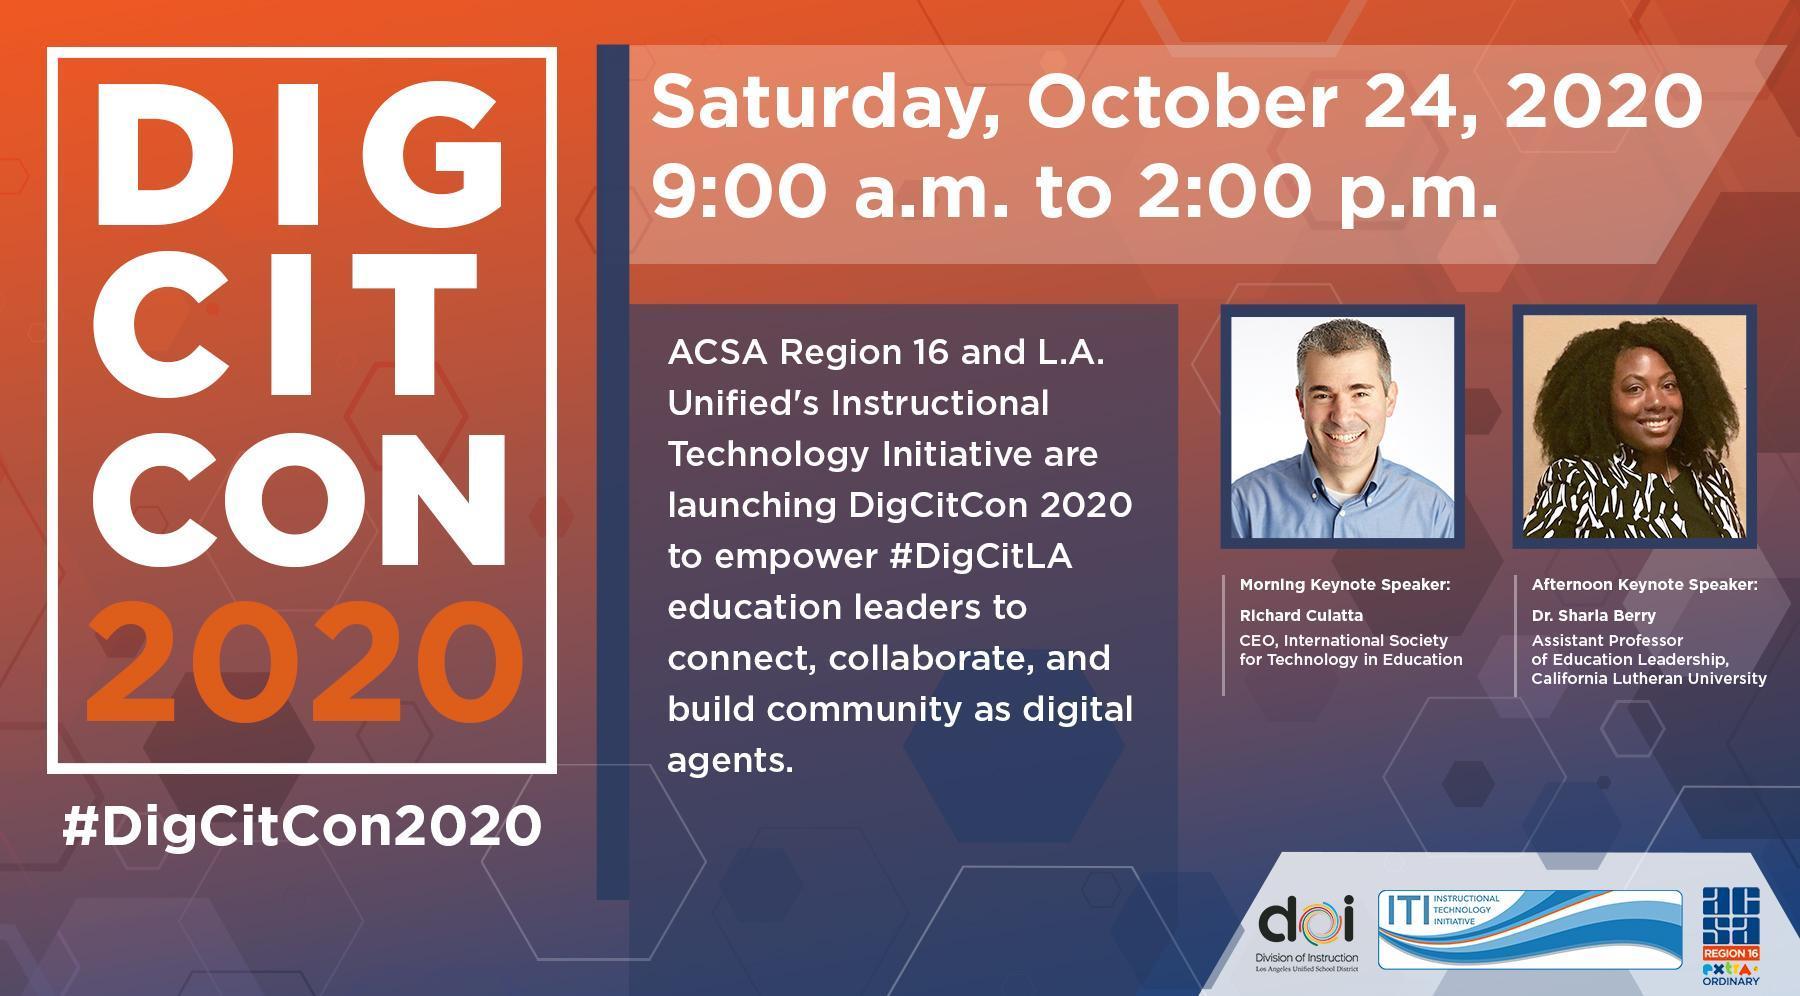 #DigCitCon2020 Saturday, October 24, 2020 Image